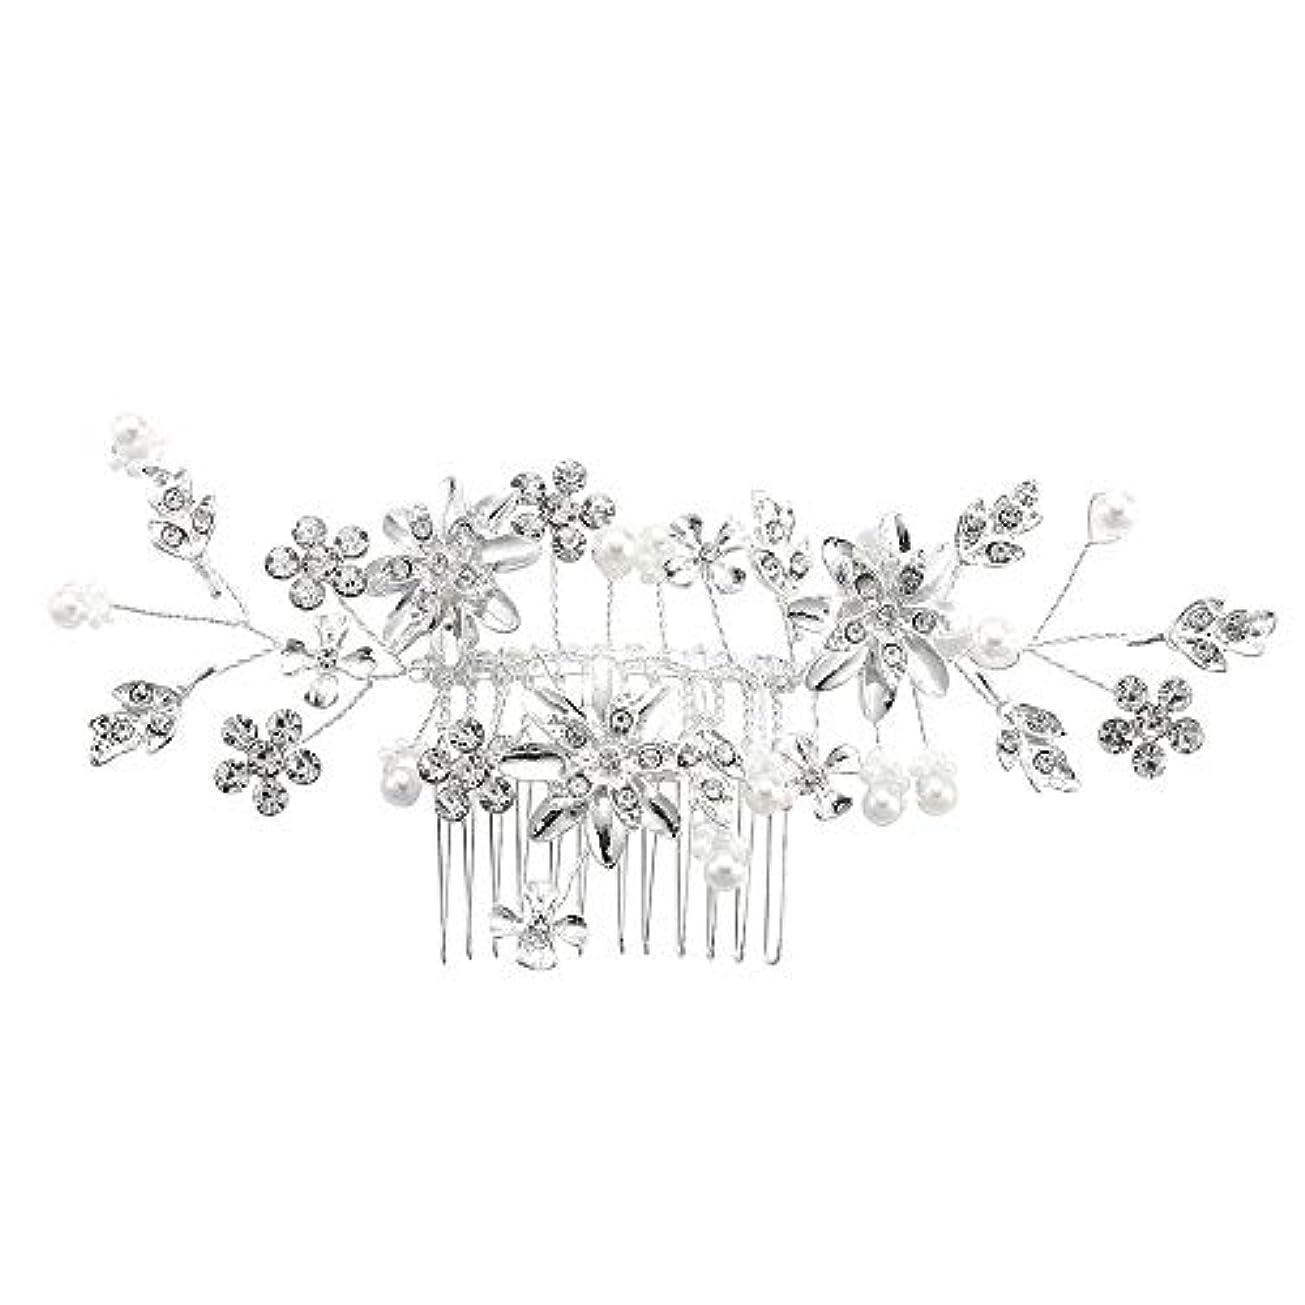 作るバーチャル郵便髪の櫛、櫛、合金、ラインストーンの櫛、真珠の髪の櫛、ブライダル髪の櫛、結婚式の髪の櫛